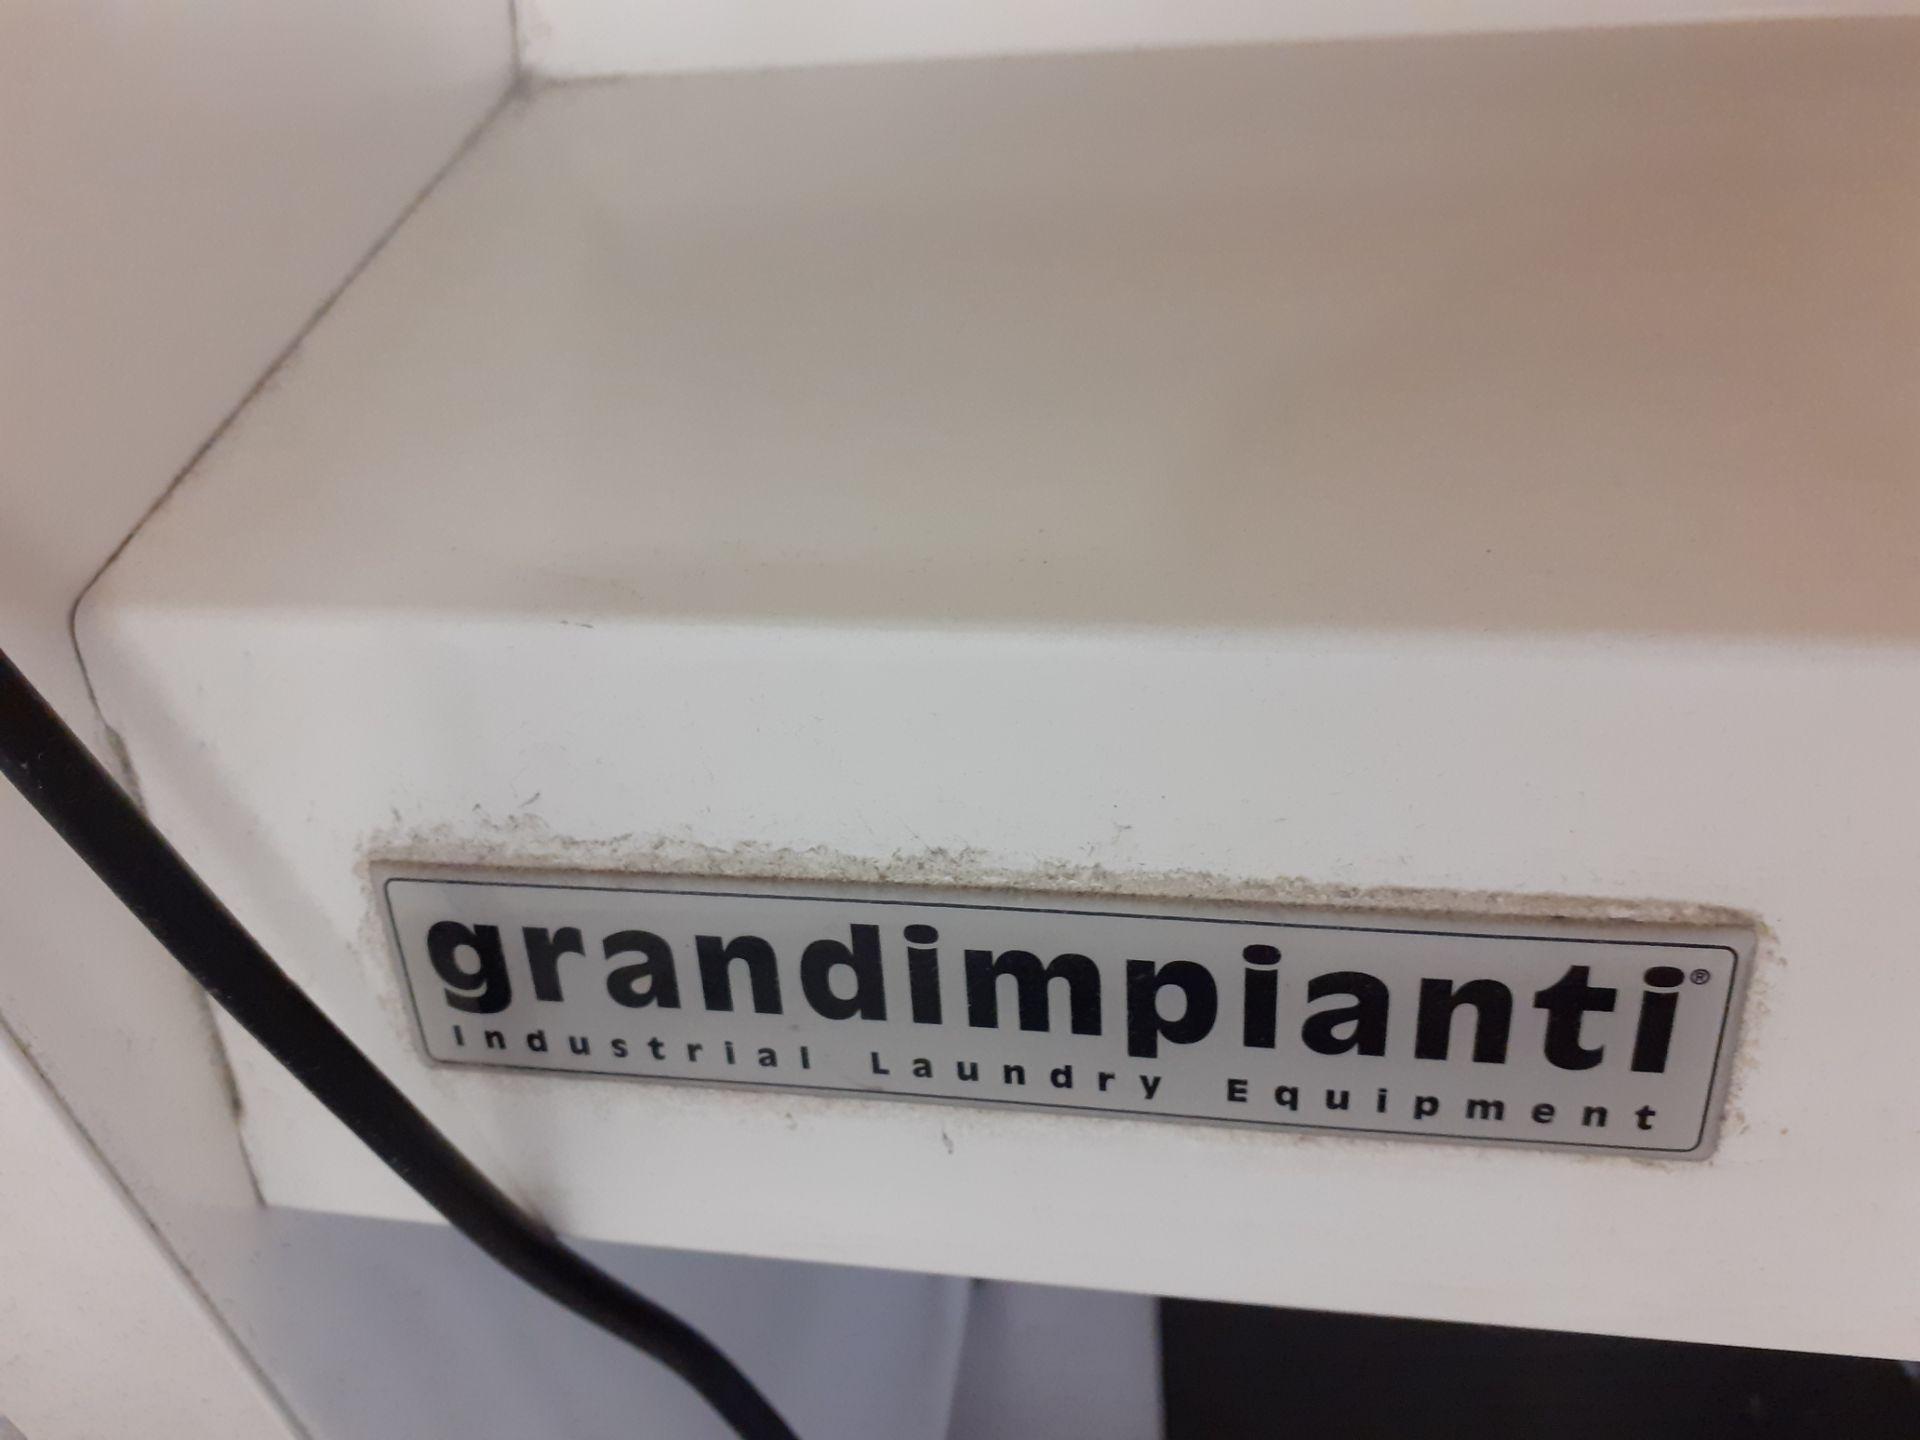 Grandimpianti Rotary Iron (2007) - Image 2 of 3